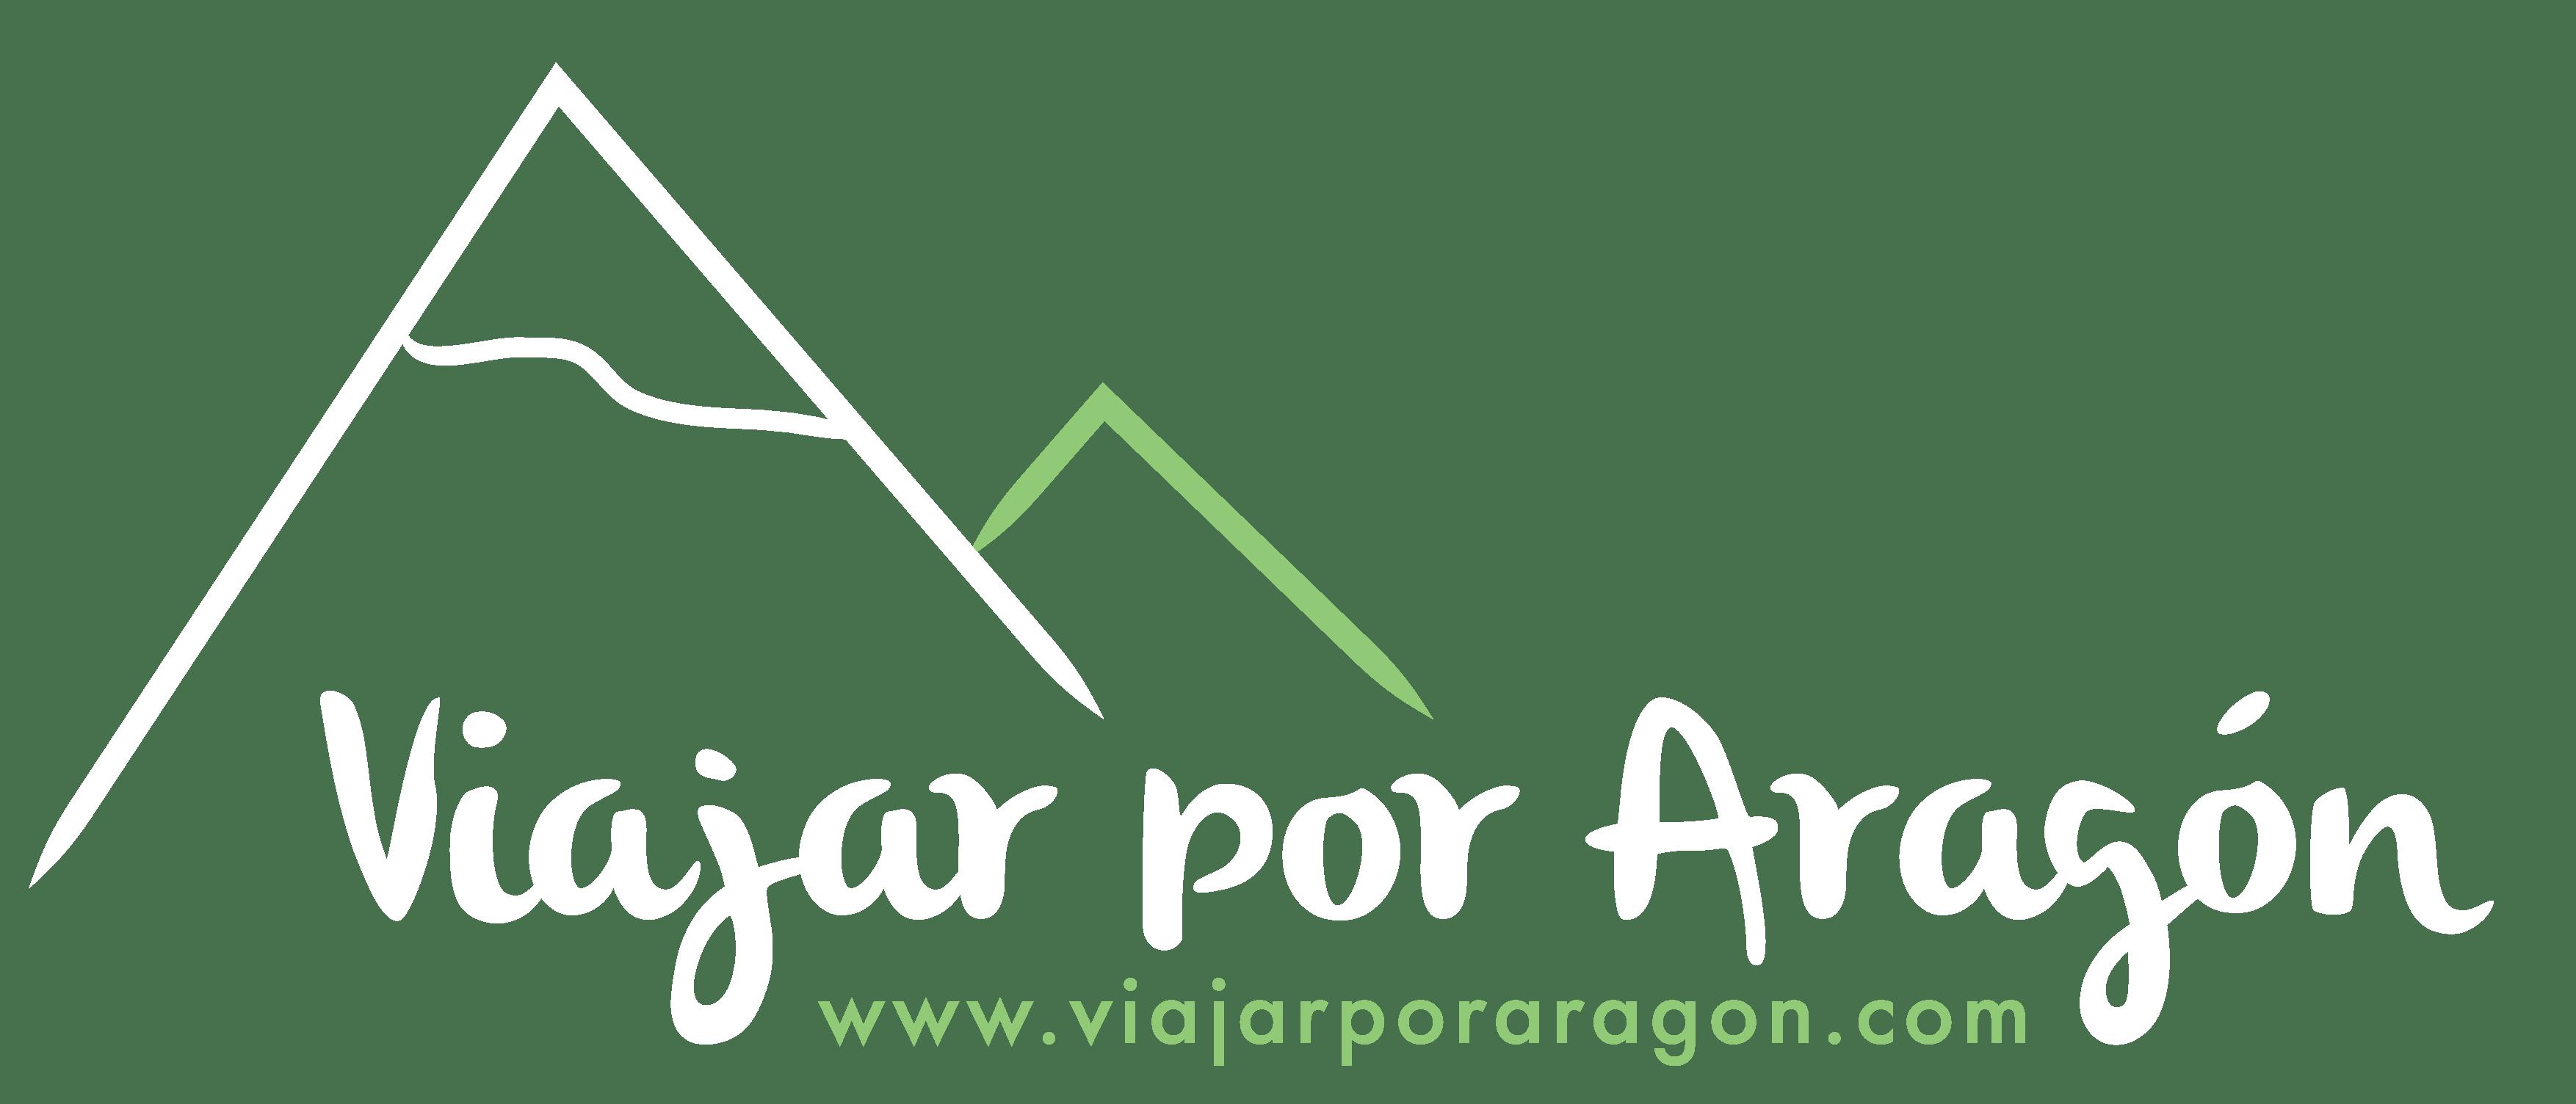 Viajar por Aragón – Excursiones, tours y escapadas